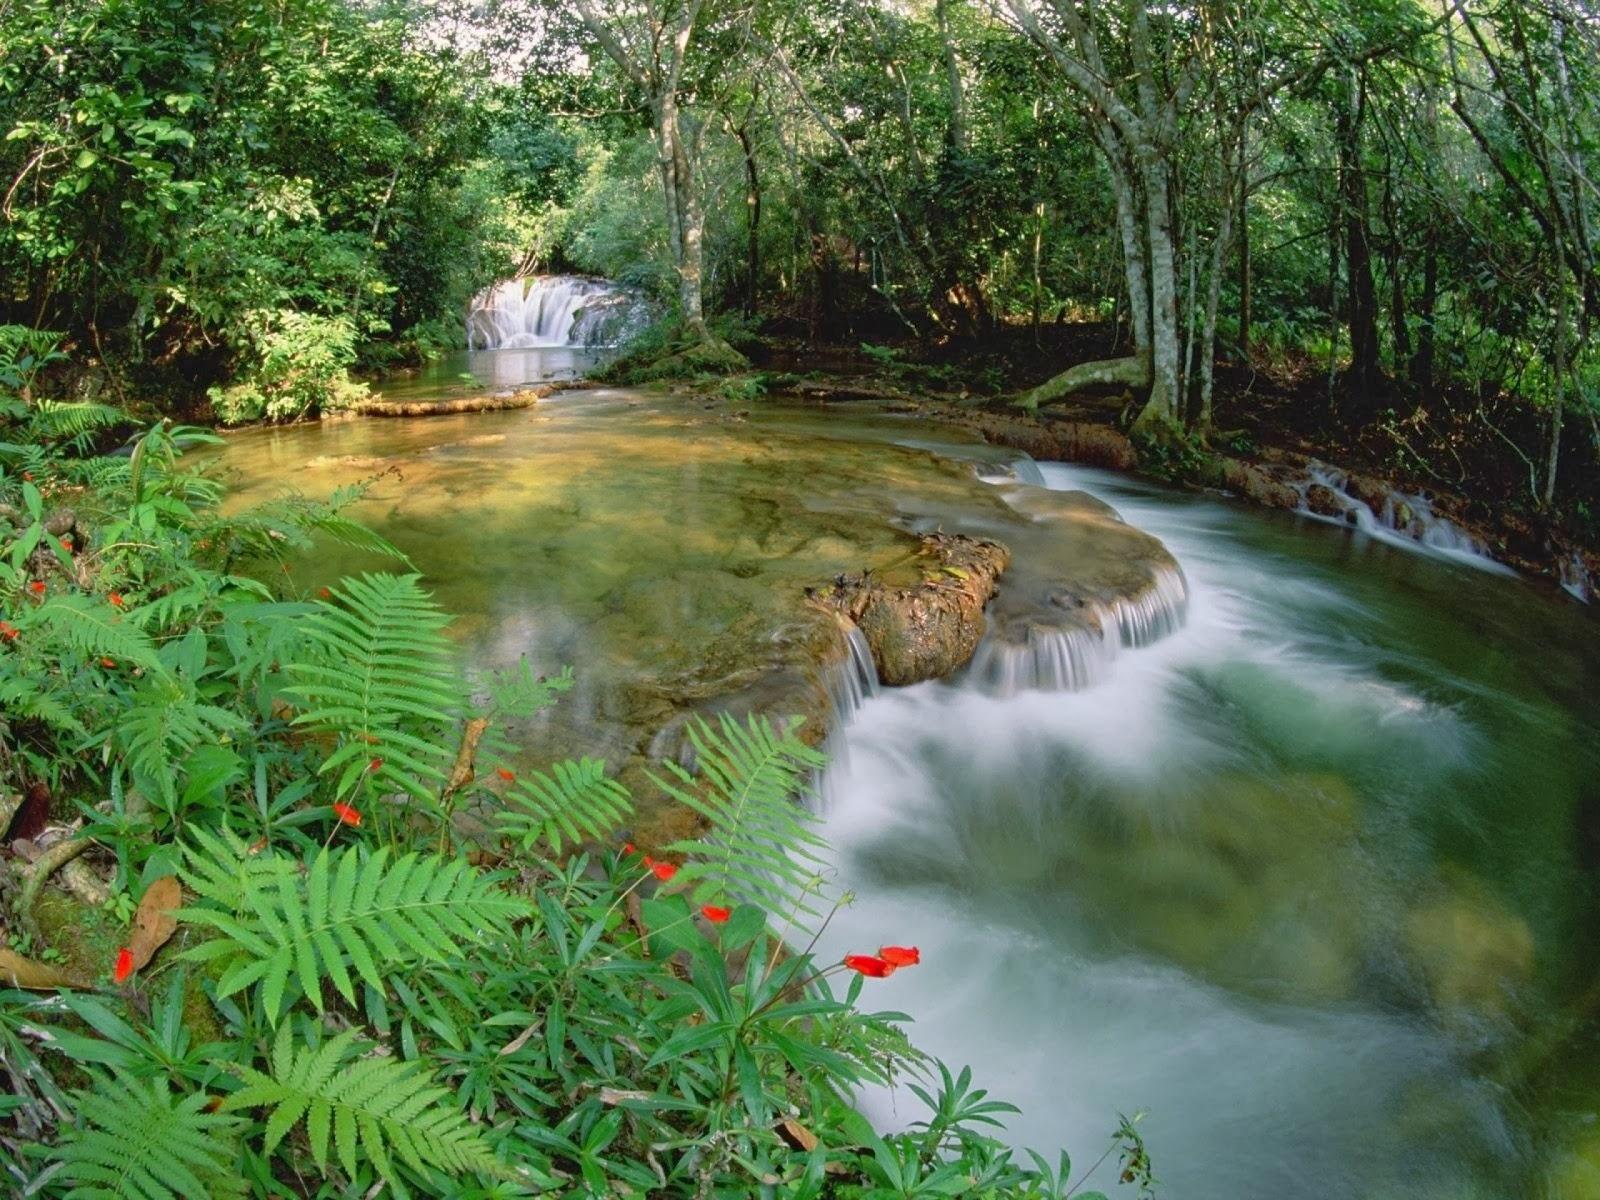 Árboles cascada planta & río